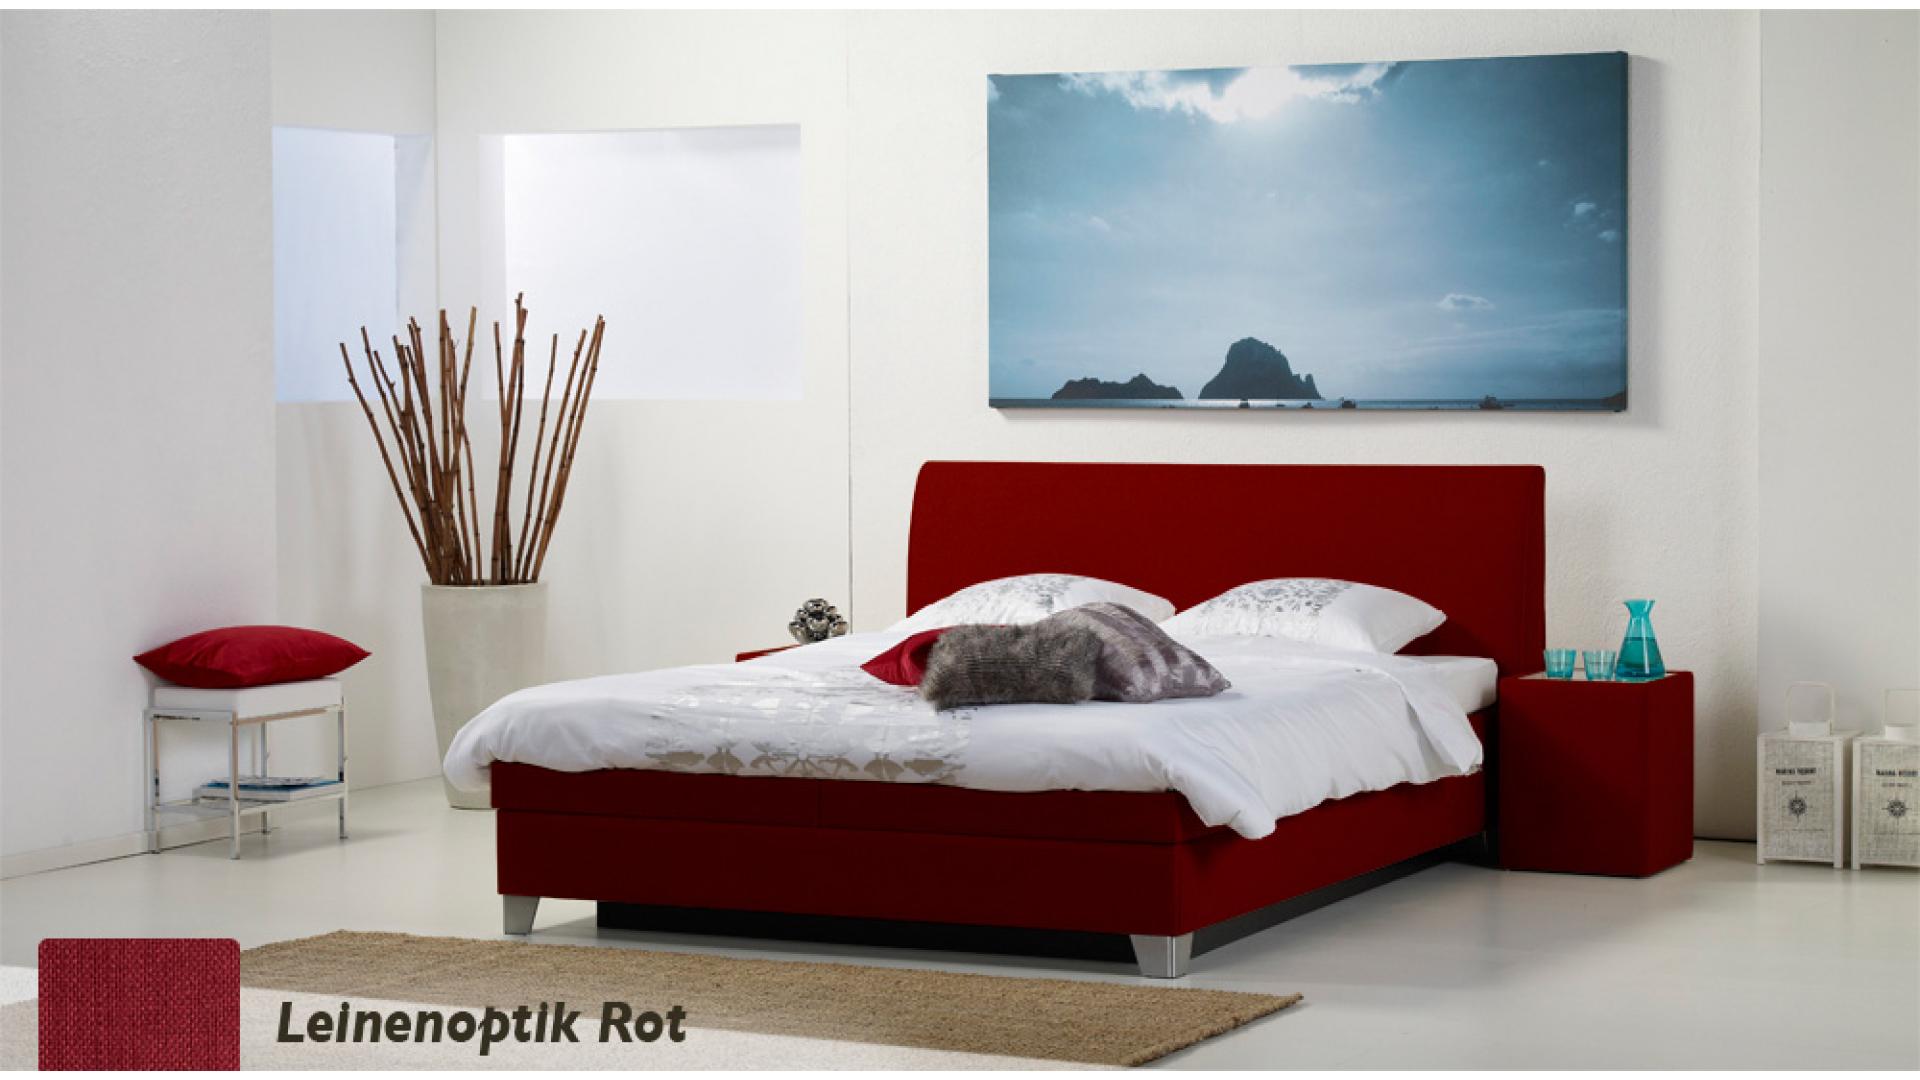 wasserbett luxus box pro leinenoptik rot boxspring-look